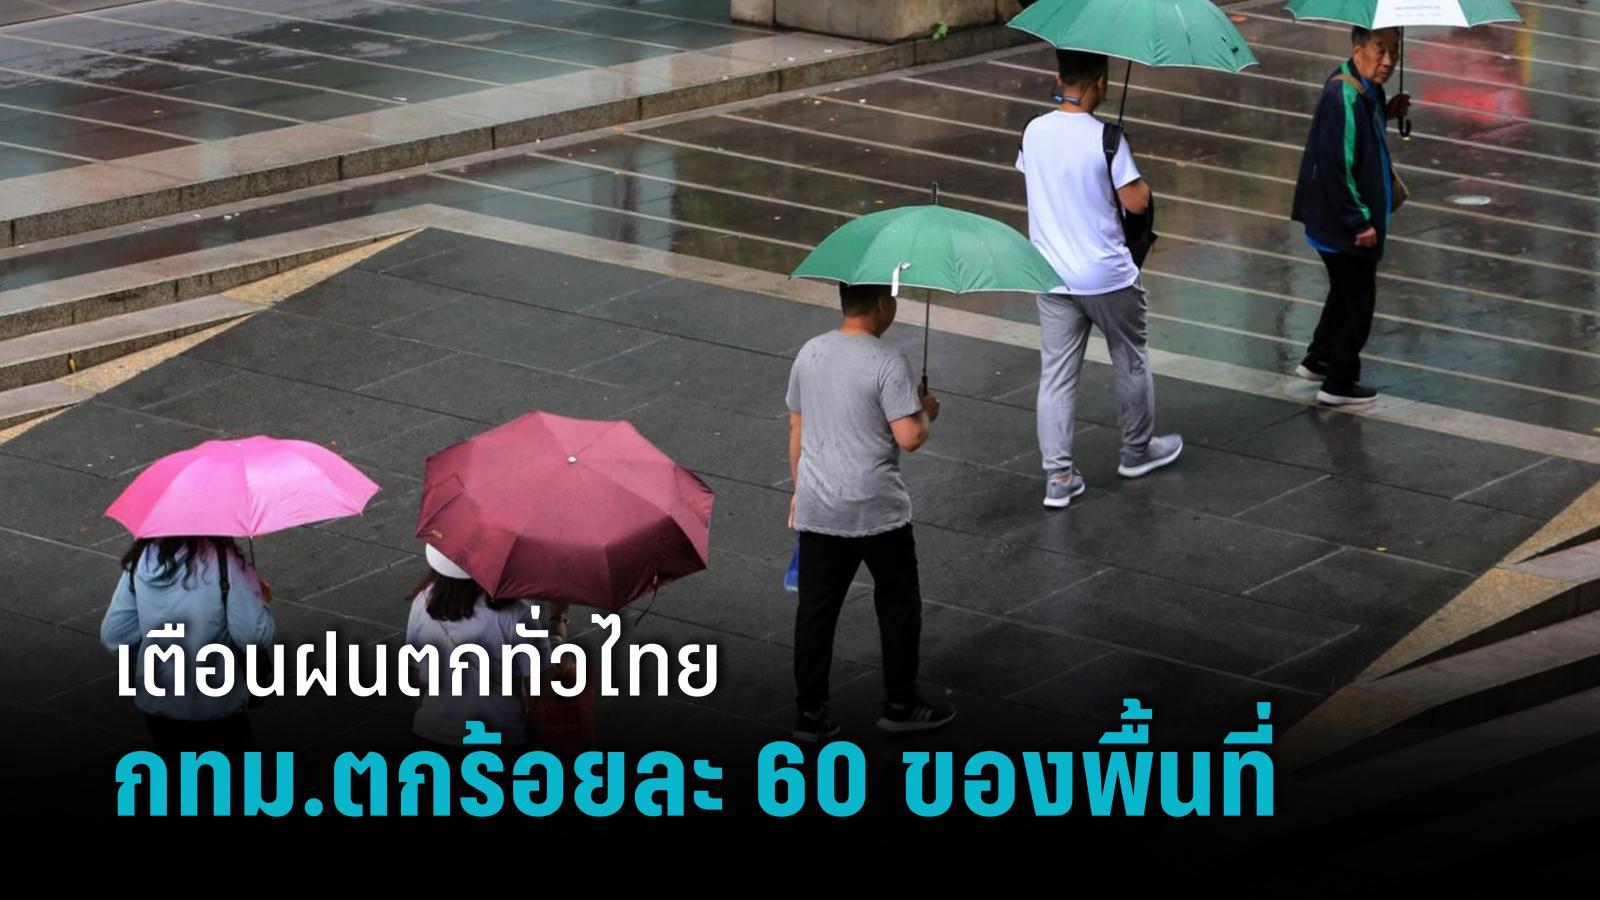 อุตุฯ เตือนฝนตกหนักทั่วไทย-กทม.ตกร้อยละ 60 ของพื้นที่